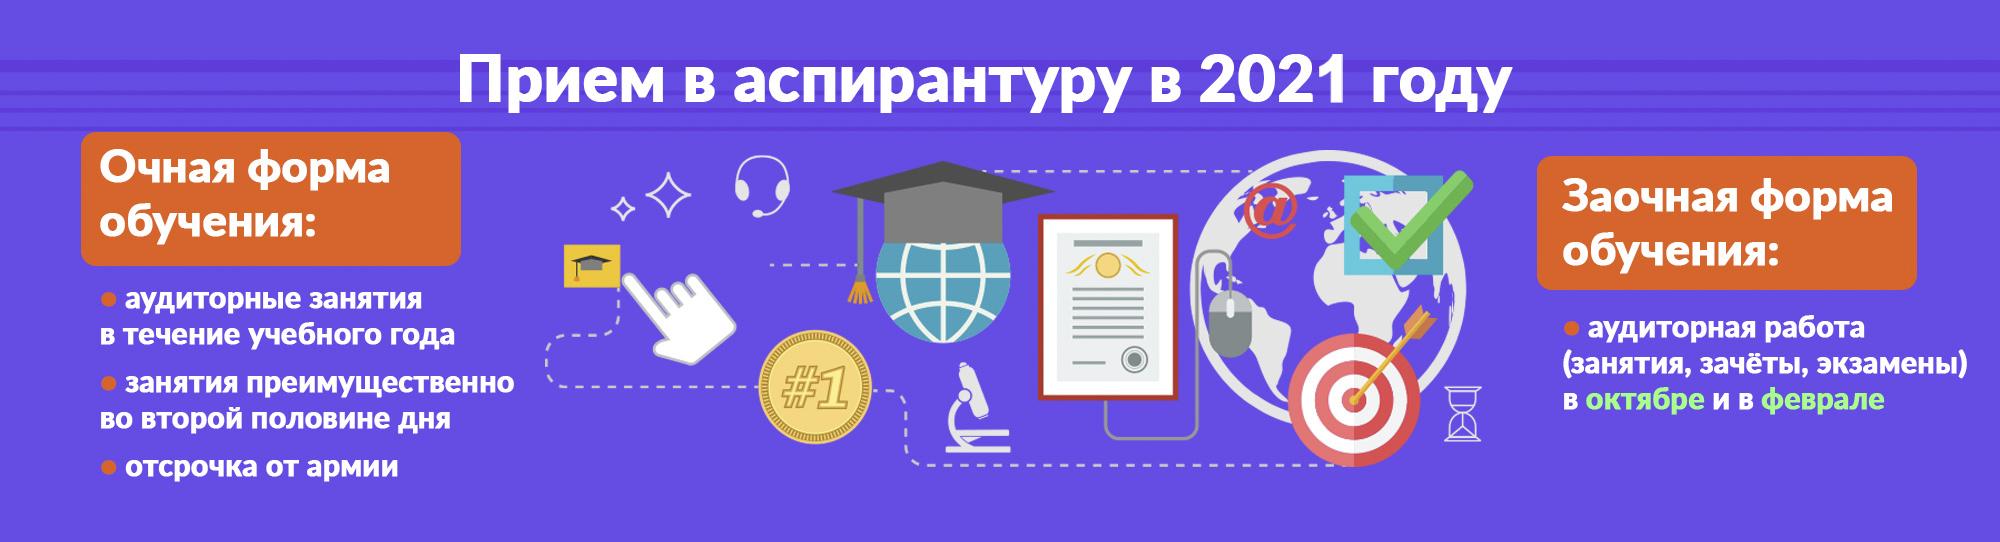 Прием-в-аспирантуру 2021